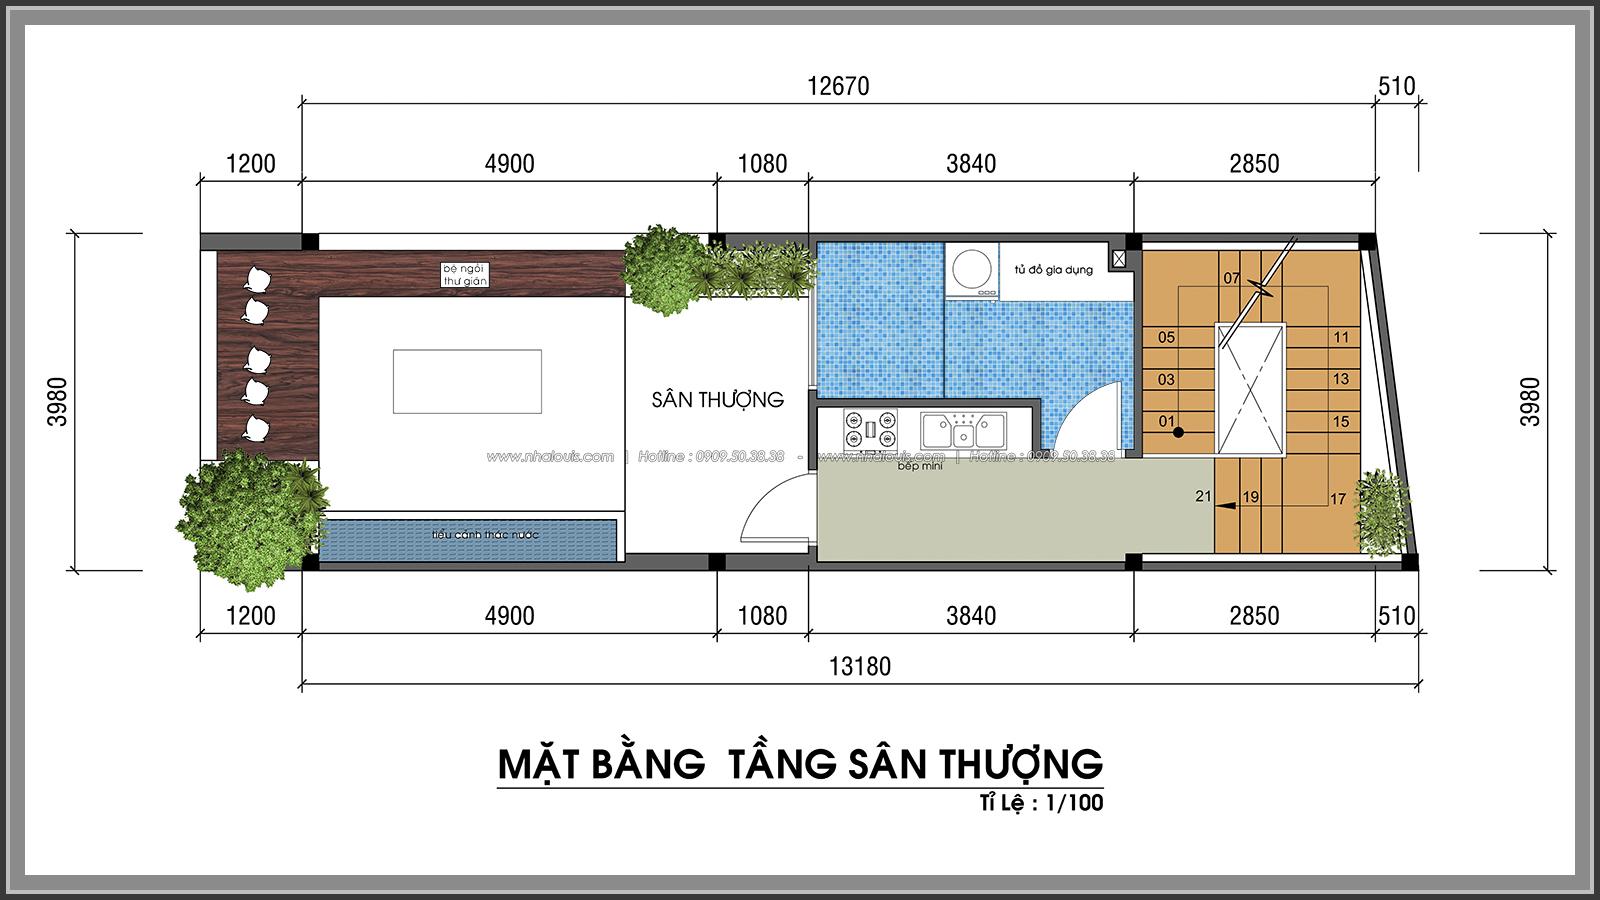 Thiết kế nhà phố hiện đại 4m x 13m tại Quận 7 với mảng xanh tươi mát - 45